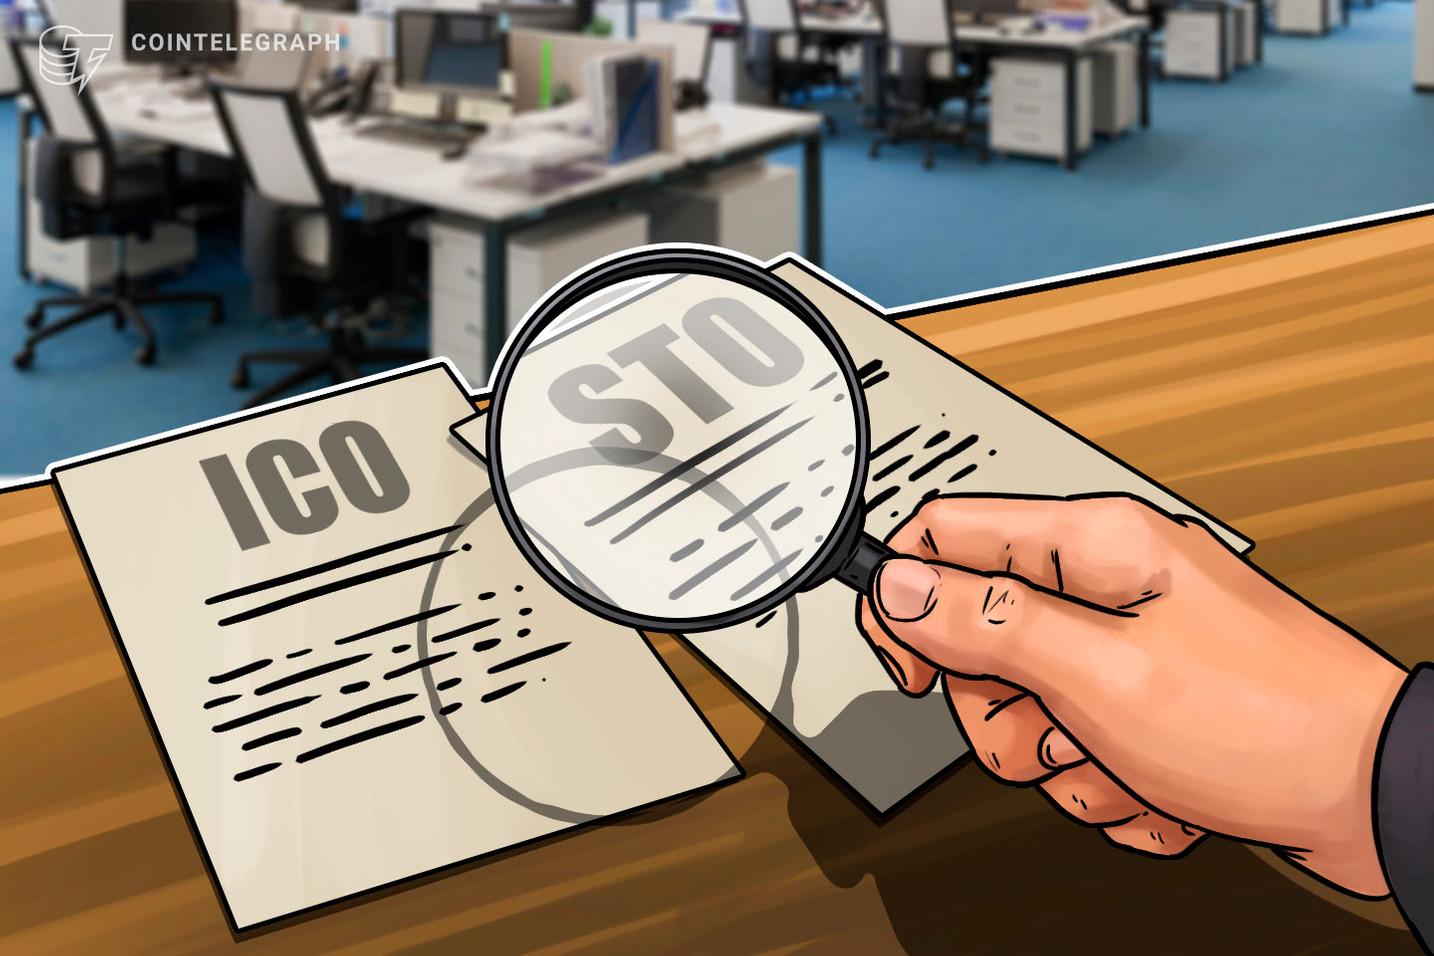 Neuer ICO & STO-Report von PwC und Crypto Valley Association: Krypto-Markt wächst wieder